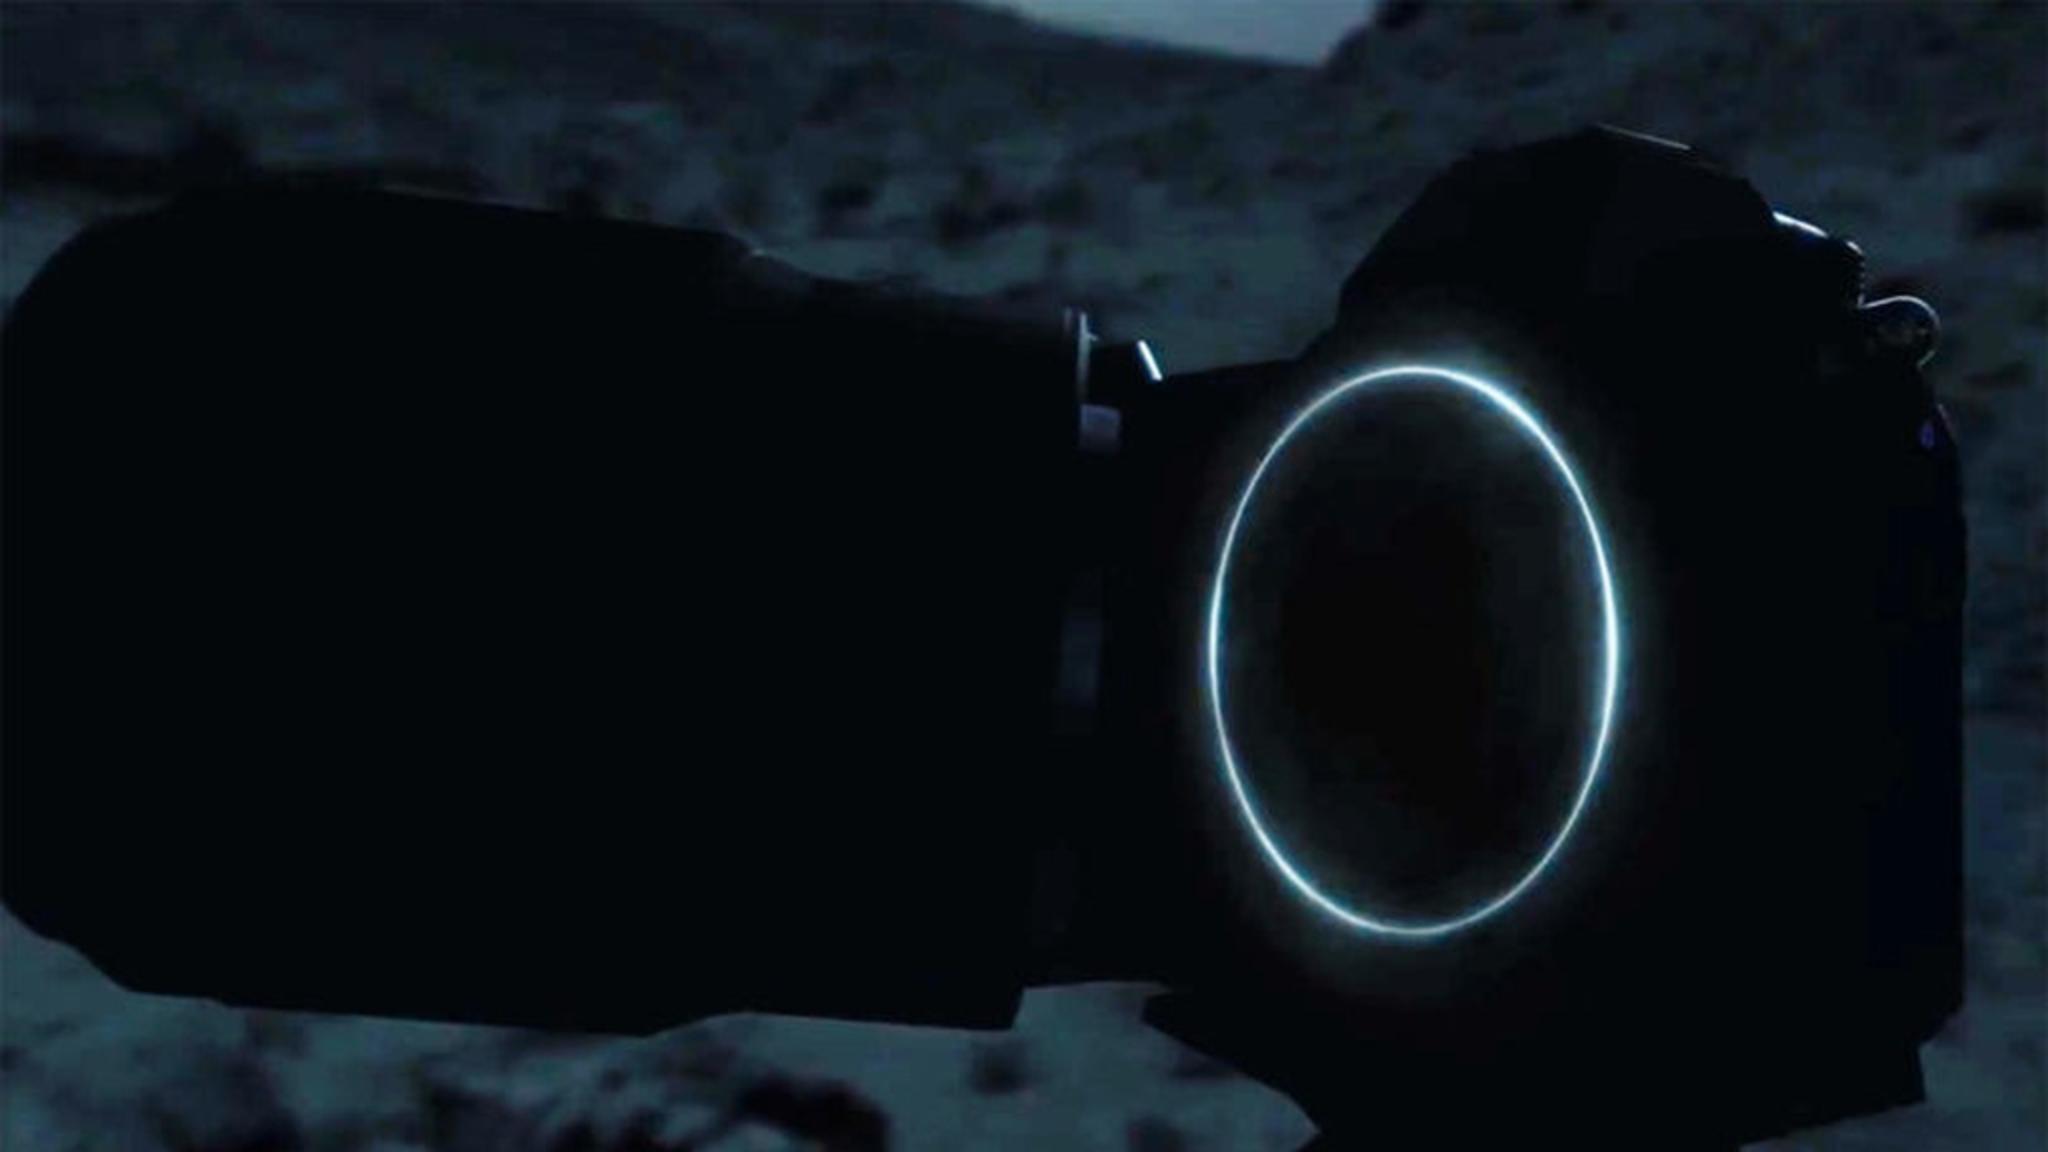 Die erste Vollformat-DSLM von Nikon ist nun offiziell.